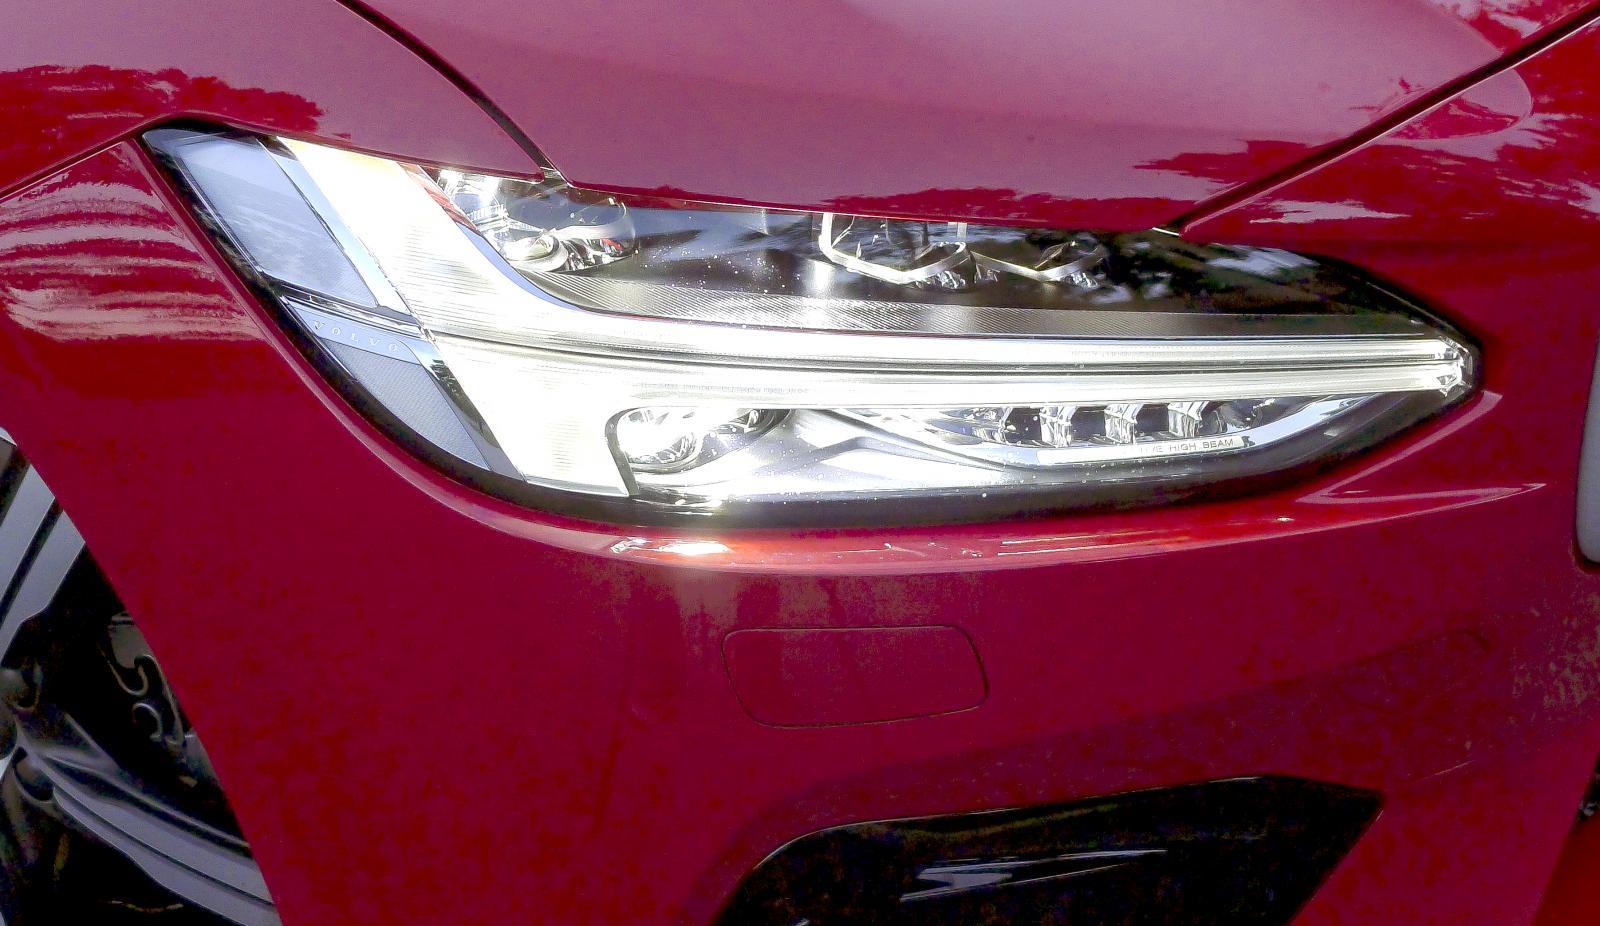 Volvo har inte bästa halvljuset enligt våra tester.